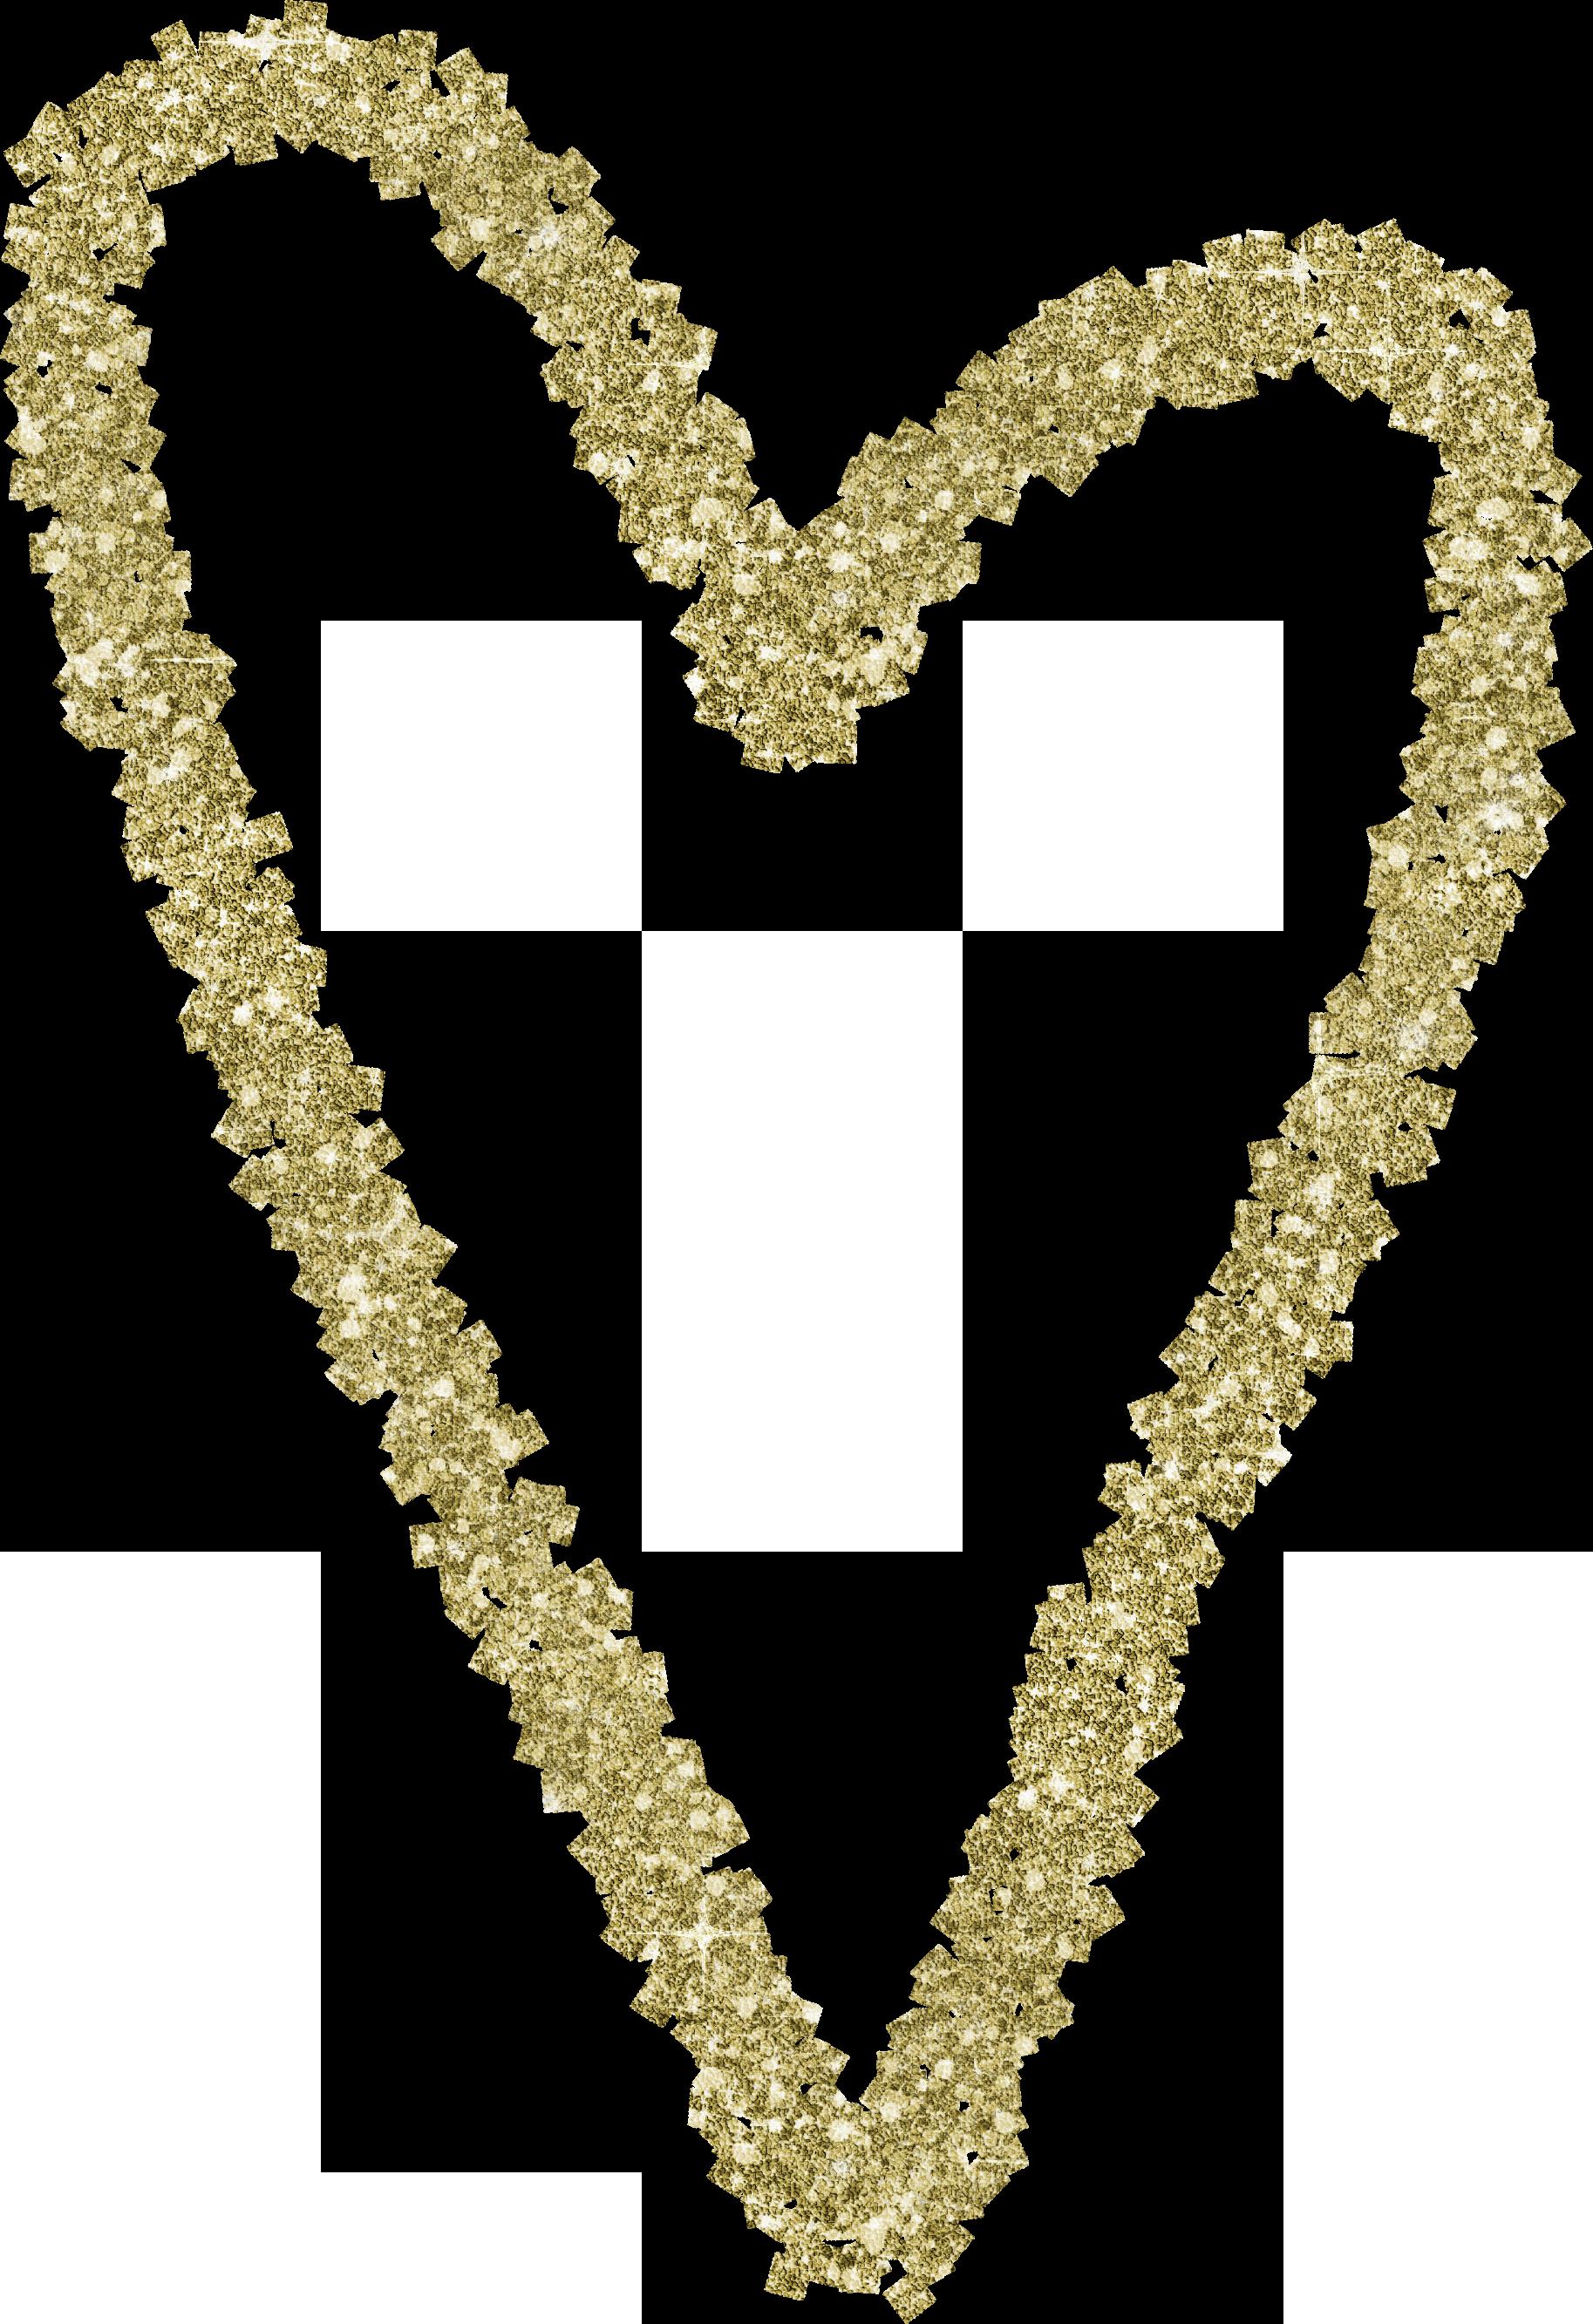 Gold Glitter Heart 7.png